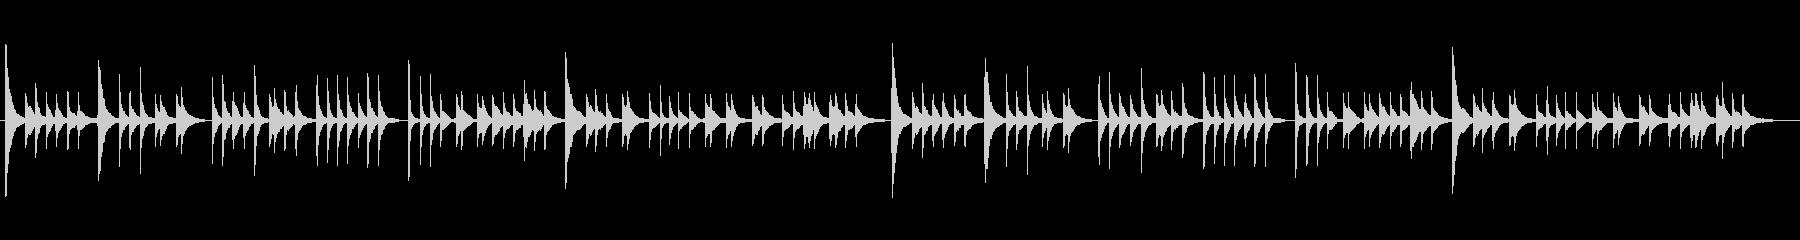 【琴】新年のごあいさつ【正月】の未再生の波形